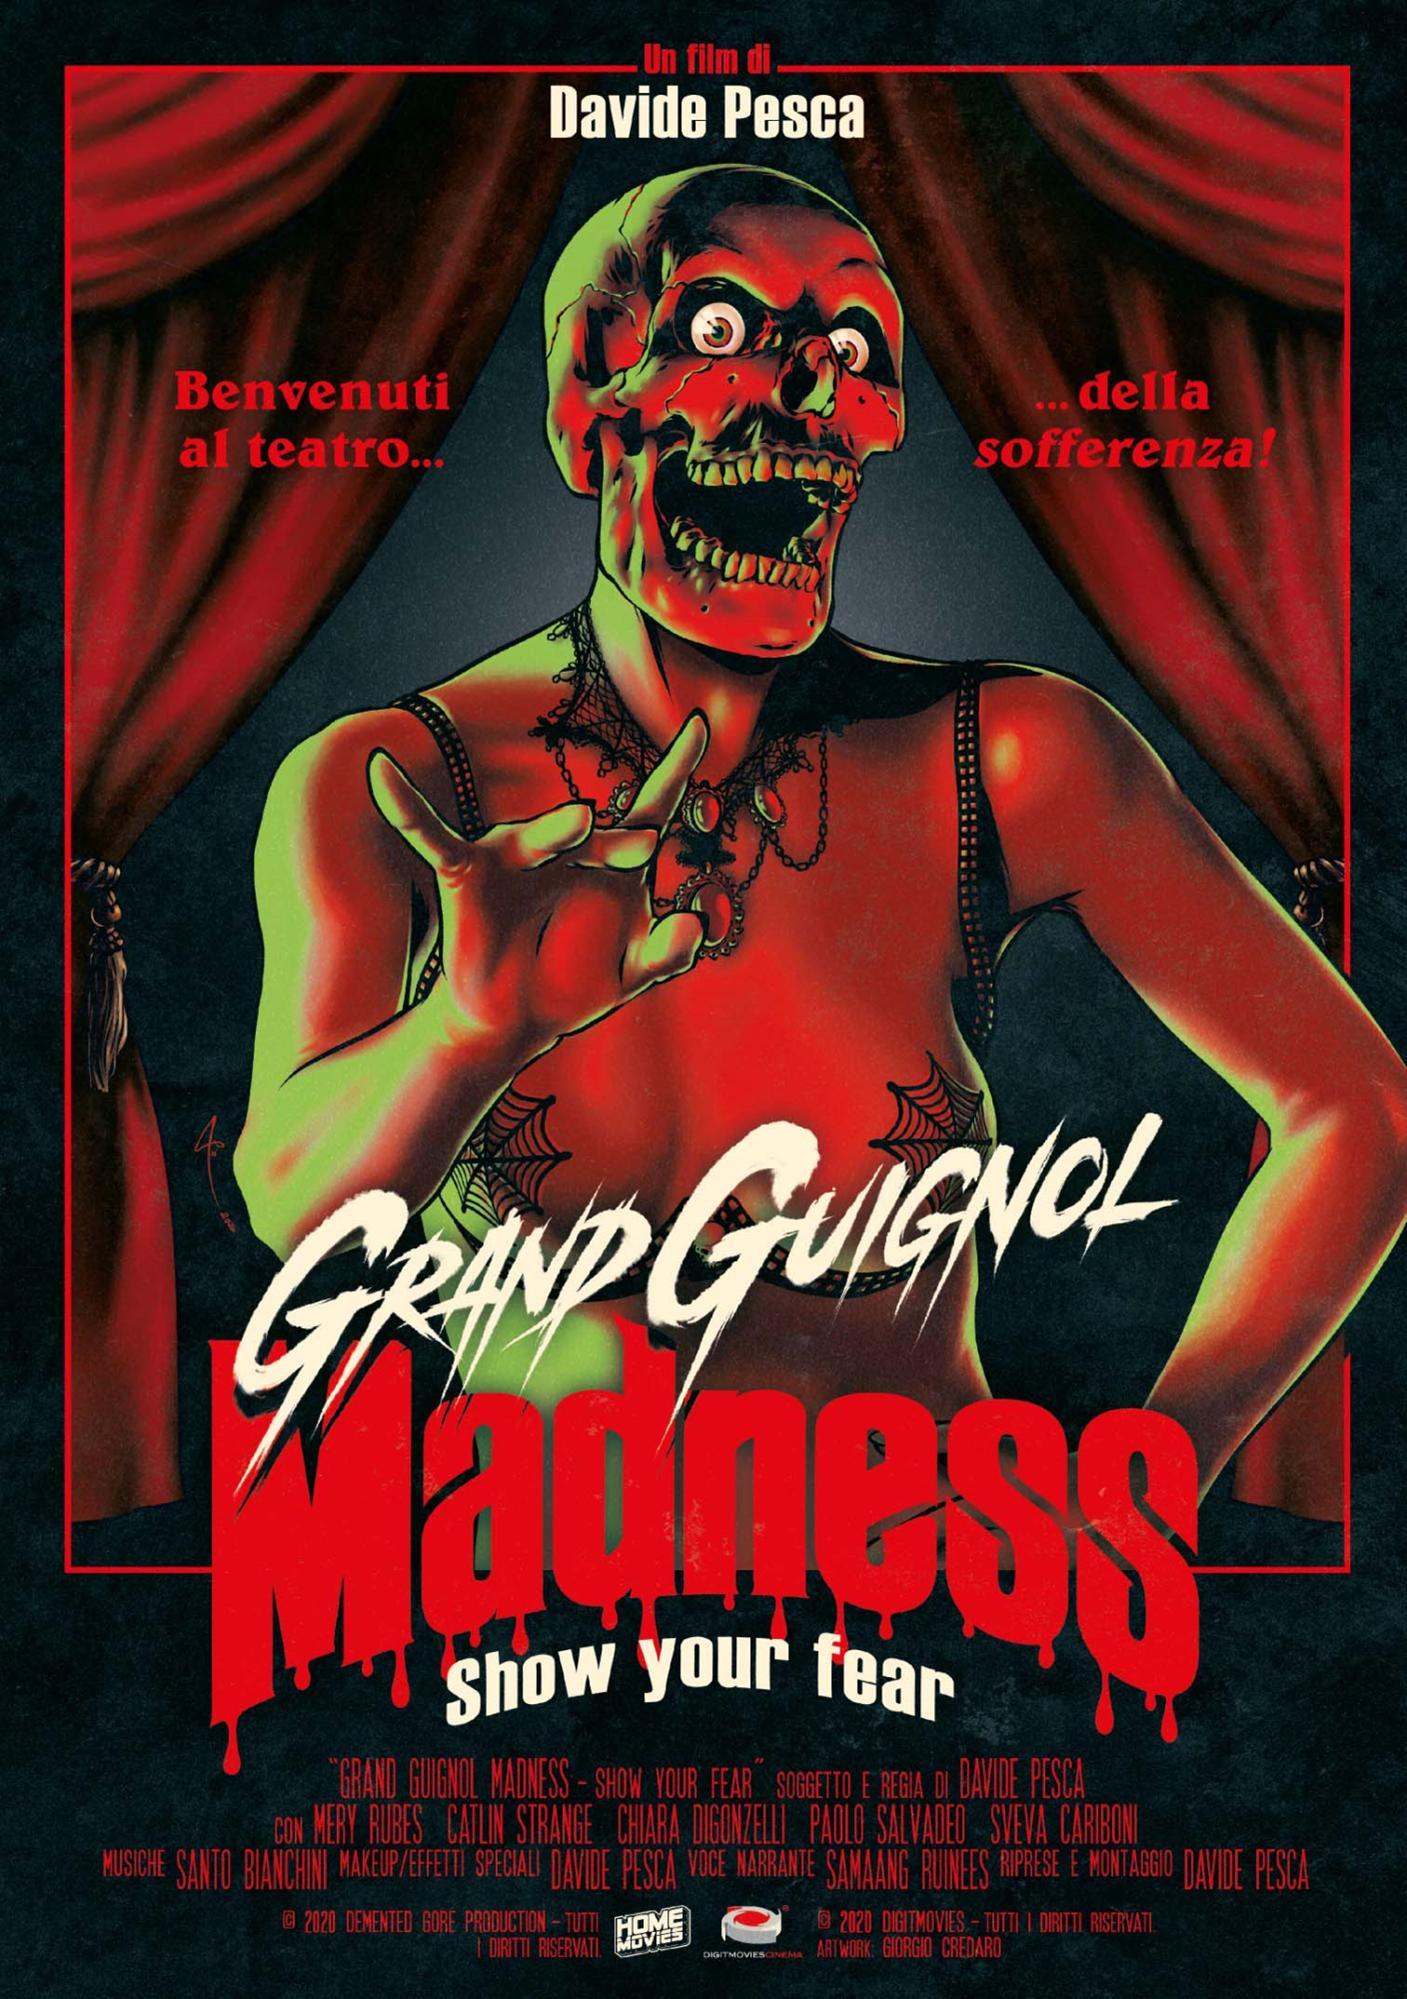 GRAND GUIGNOL MADNESS - SHOW YOUR FEAR (DVD)